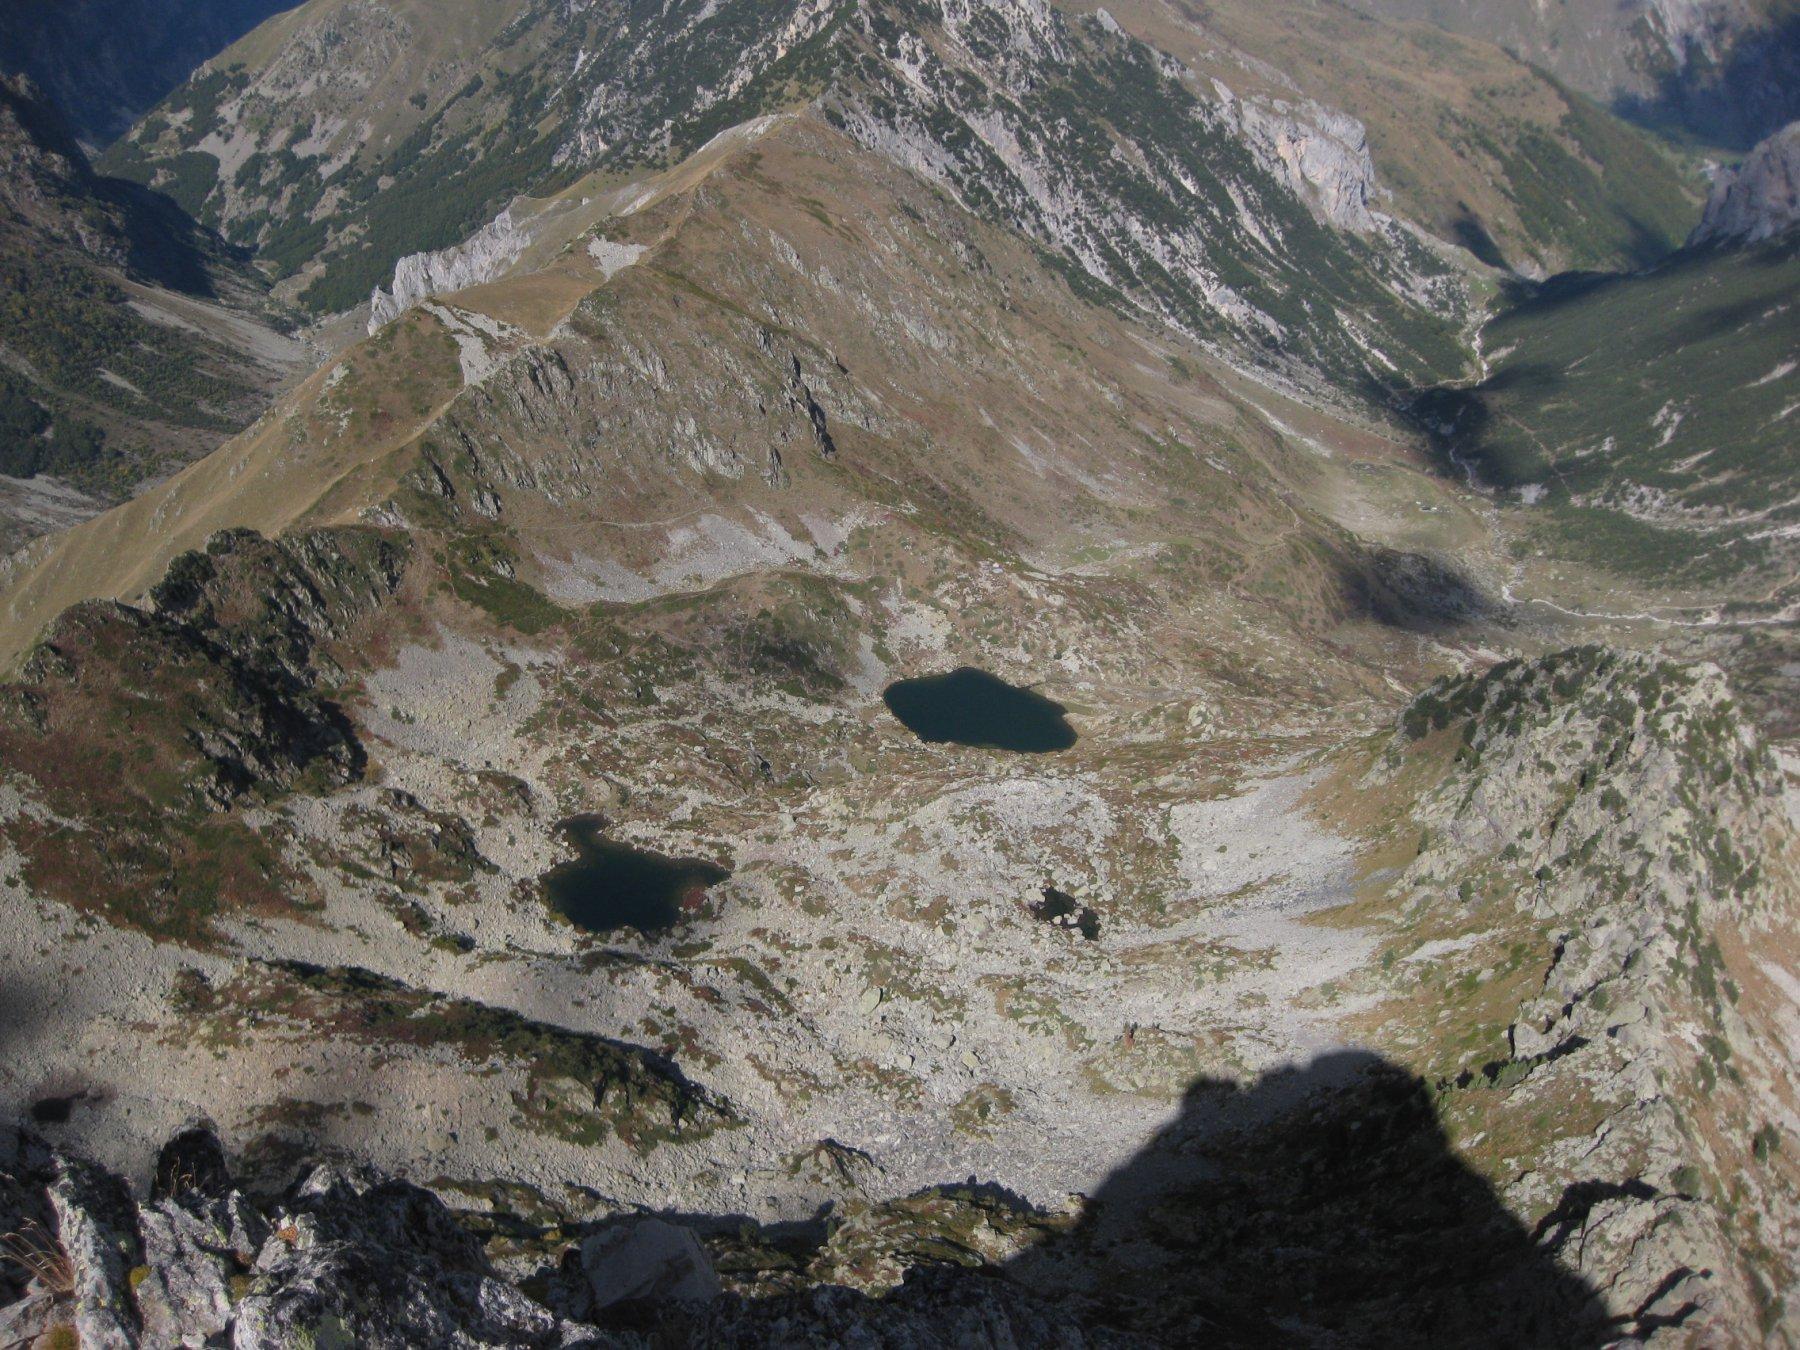 lago superiore e inferiore dalla cima